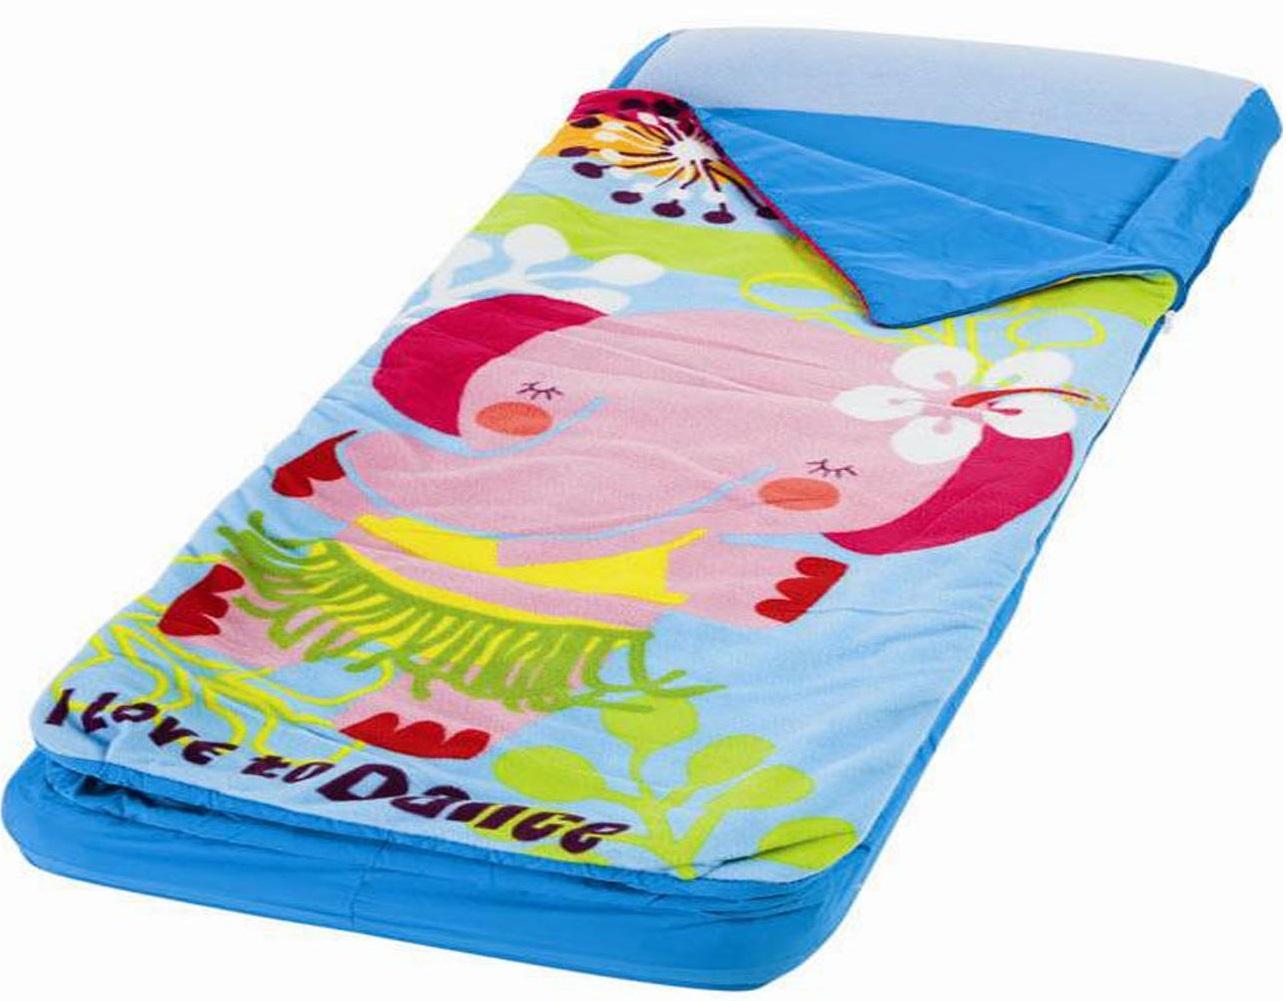 Intex (с66802) - детский надувной матрас с покрывалом на молнии